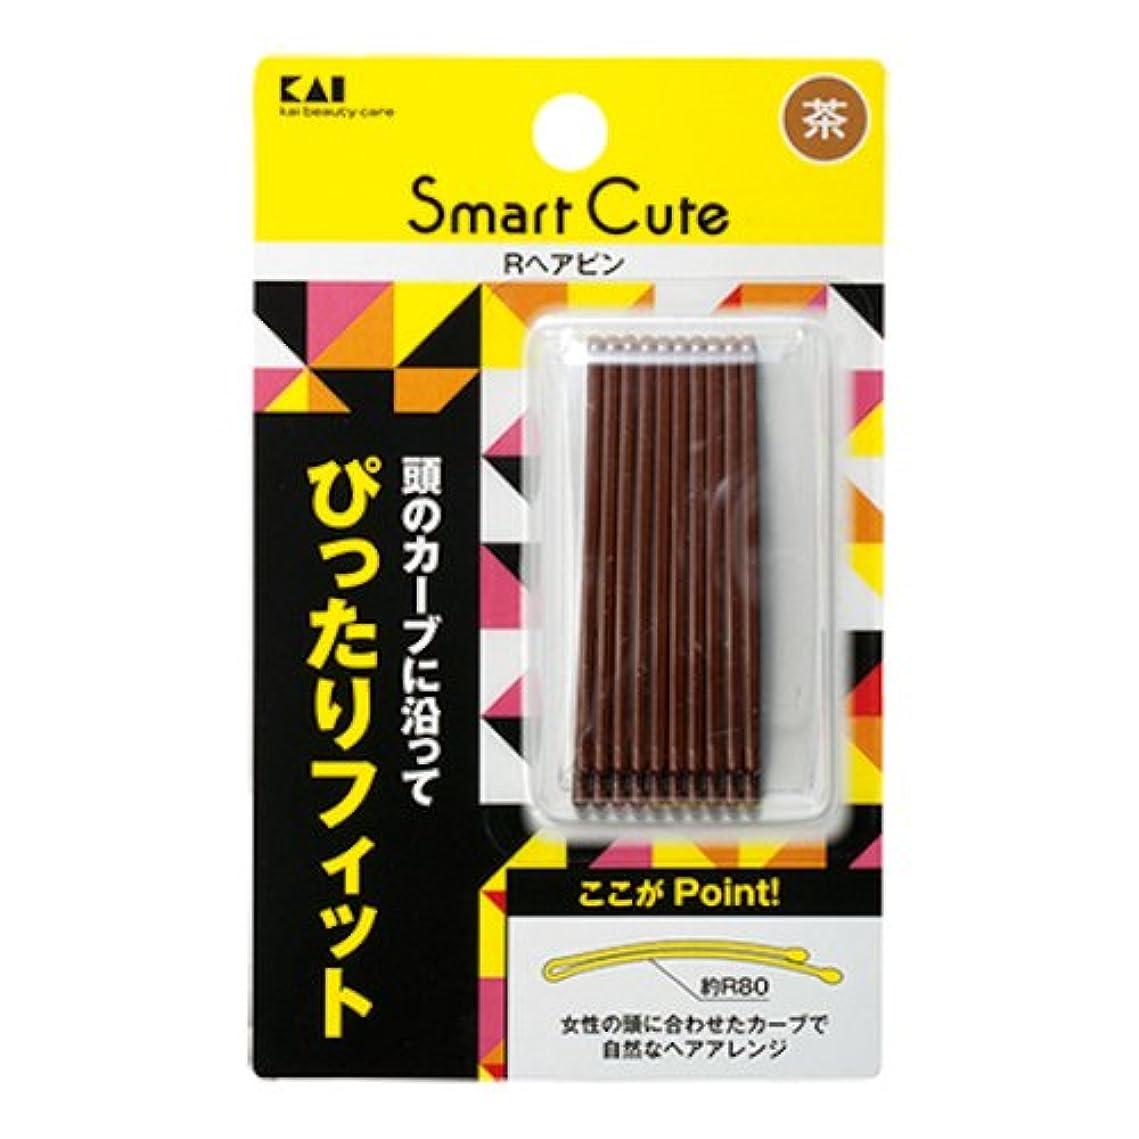 テロ過激派動機付けるKAI Smart Cute Rヘアピン HC3333 茶